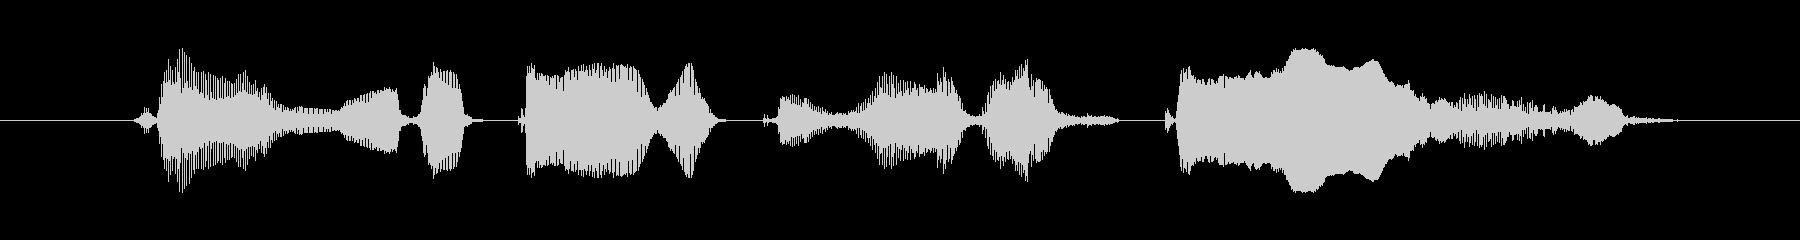 チャンネル登録よろしくぅ↑の未再生の波形